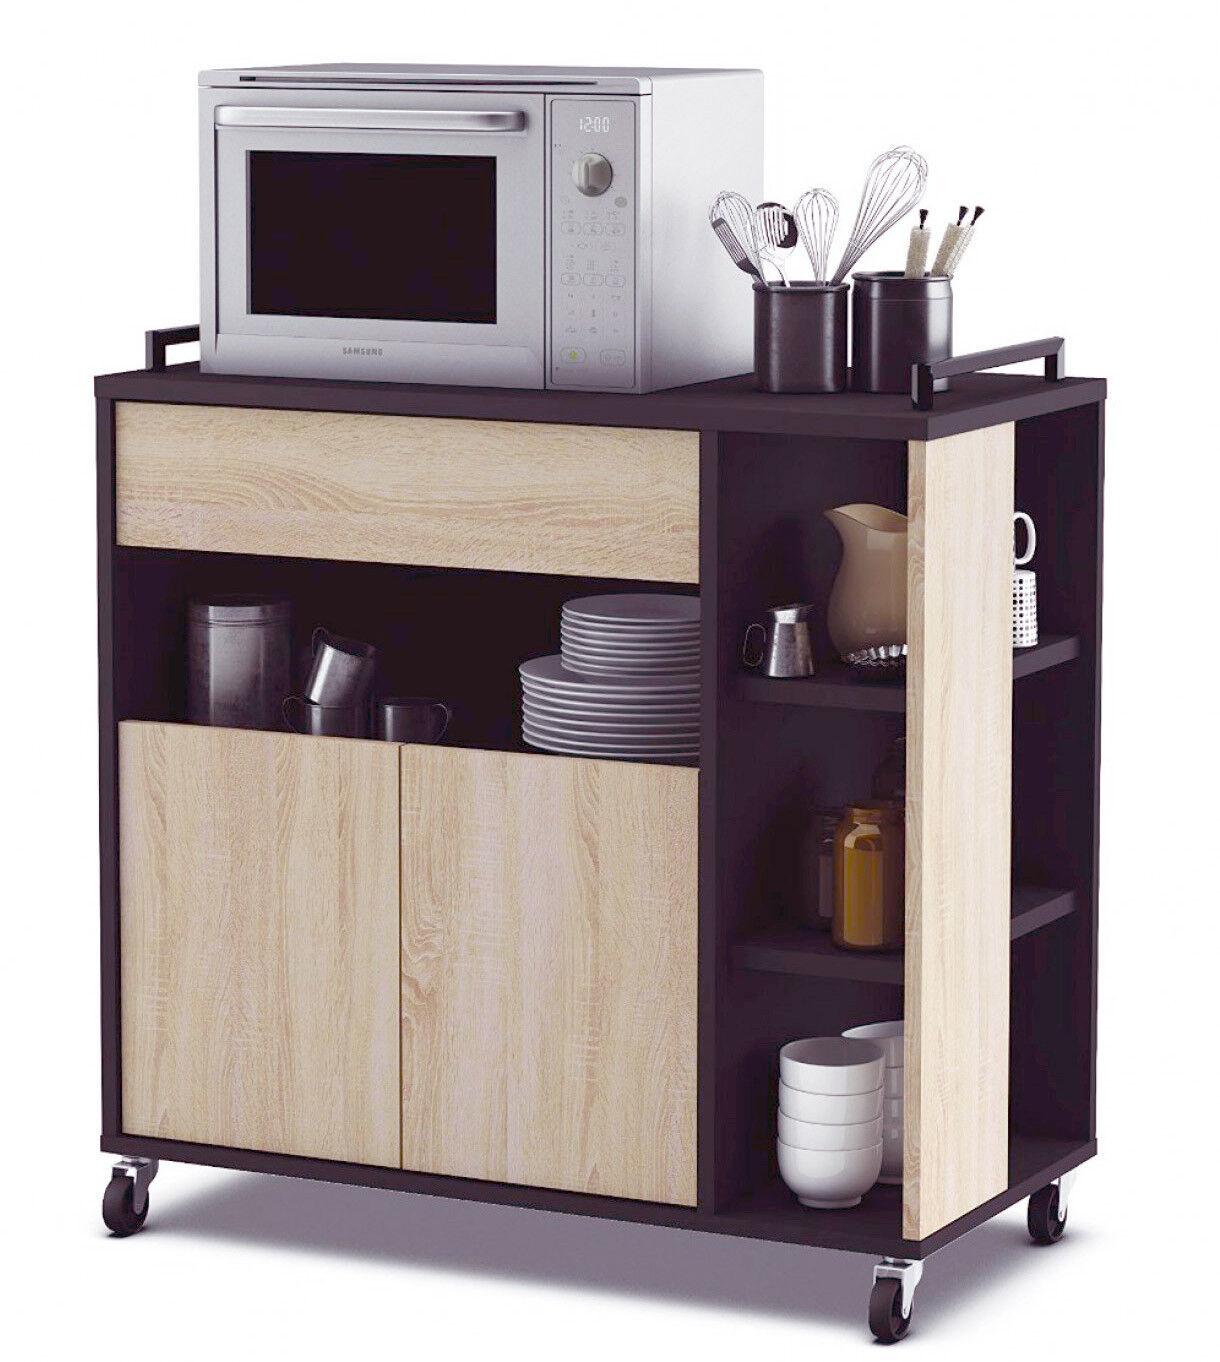 Mueble auxiliar para cocina color roble y negro 79x79x40 cm